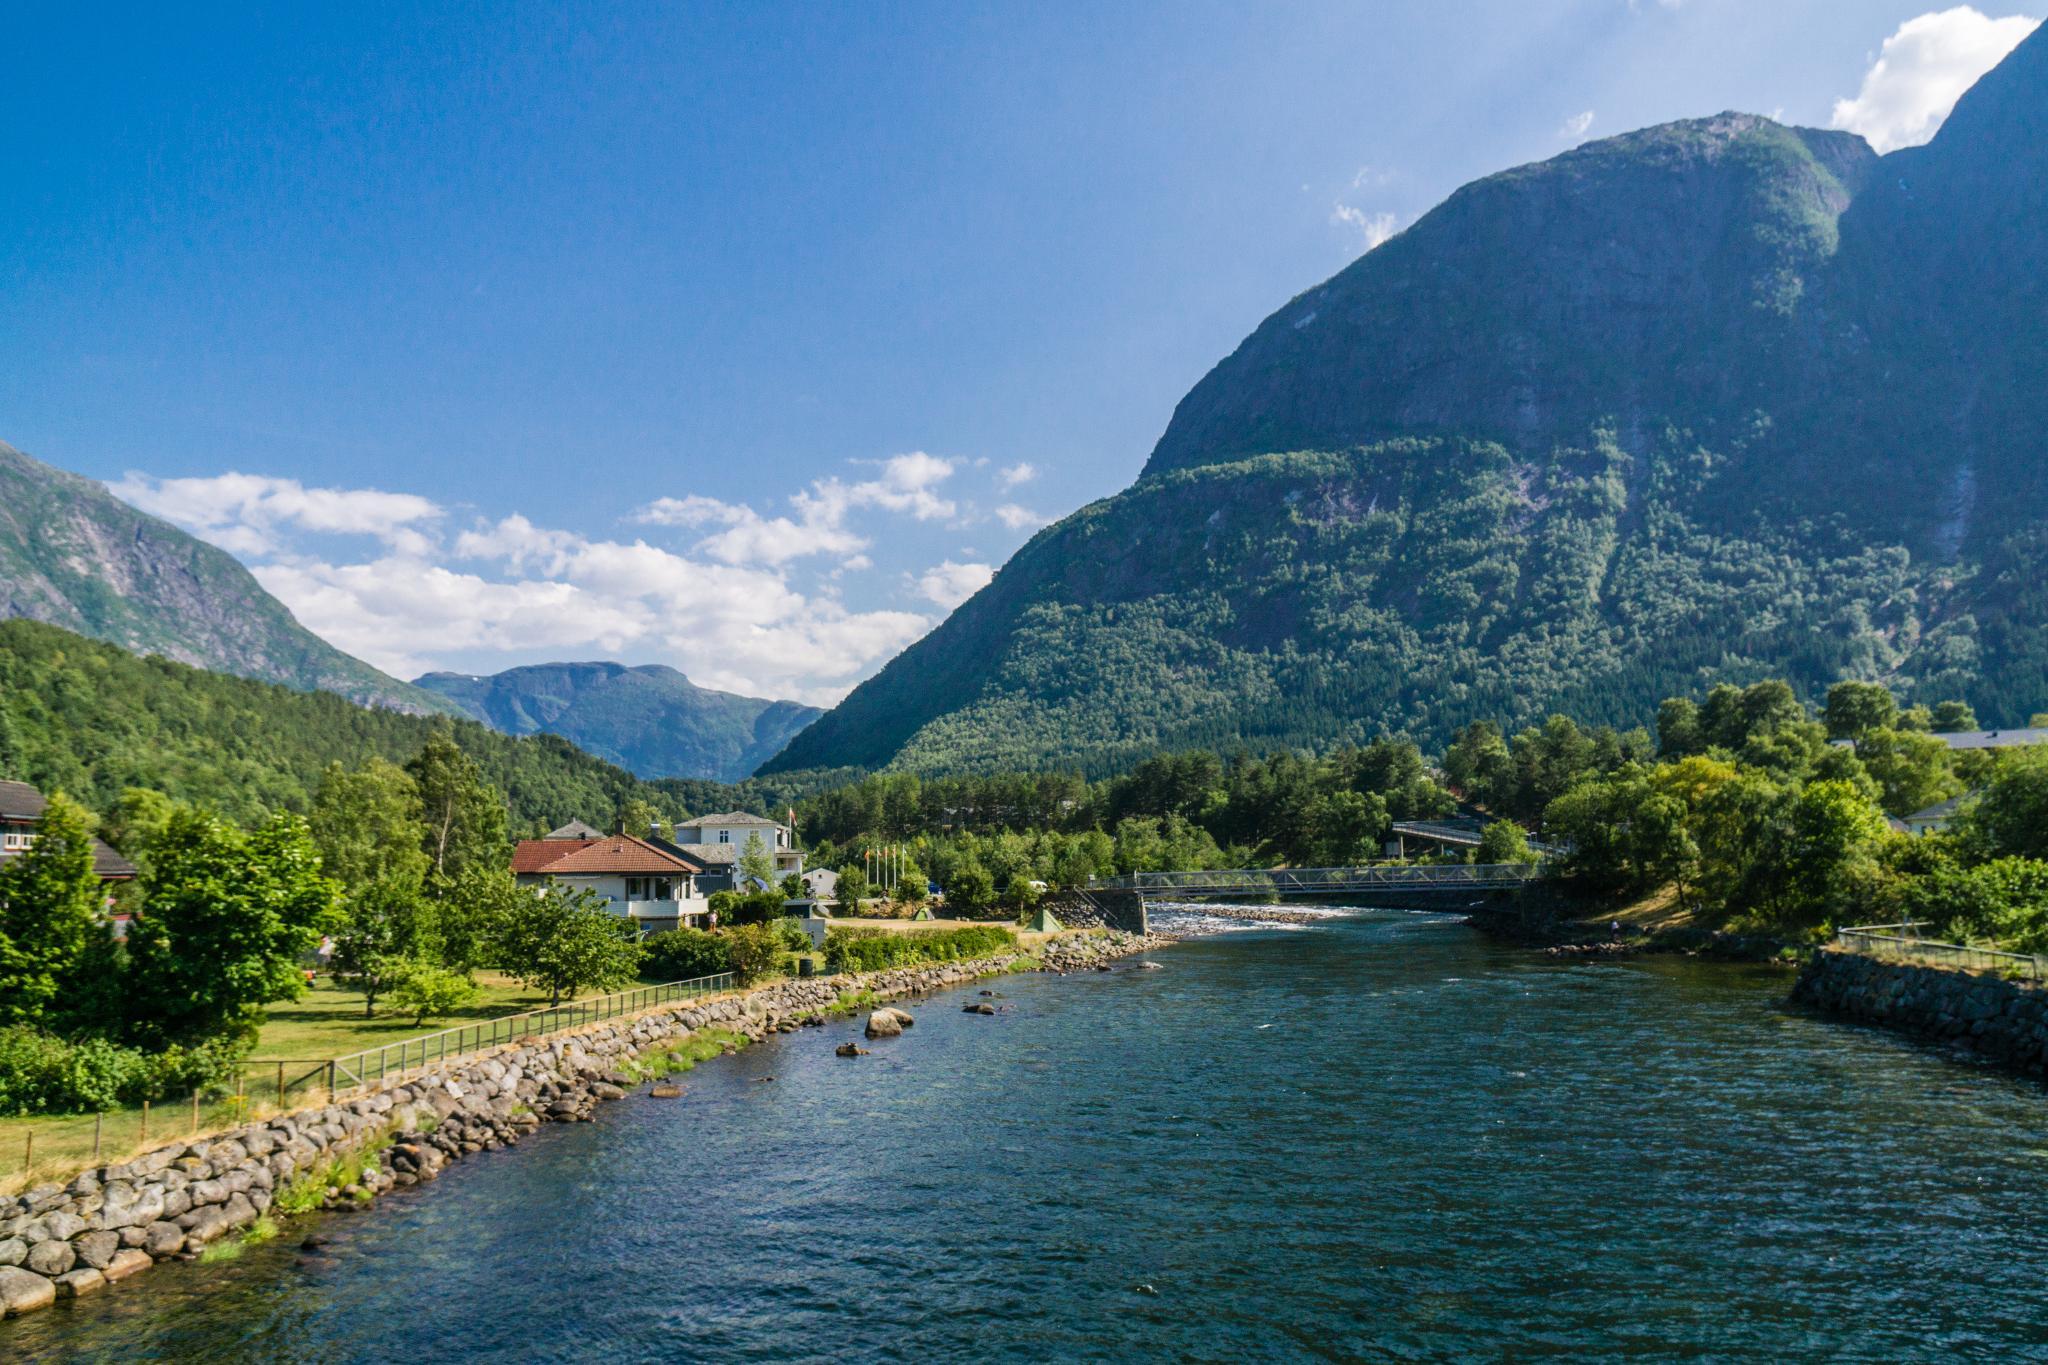 【北歐景點】哈丹格峽灣探秘:Eidfjord小鎮的無限風光 4